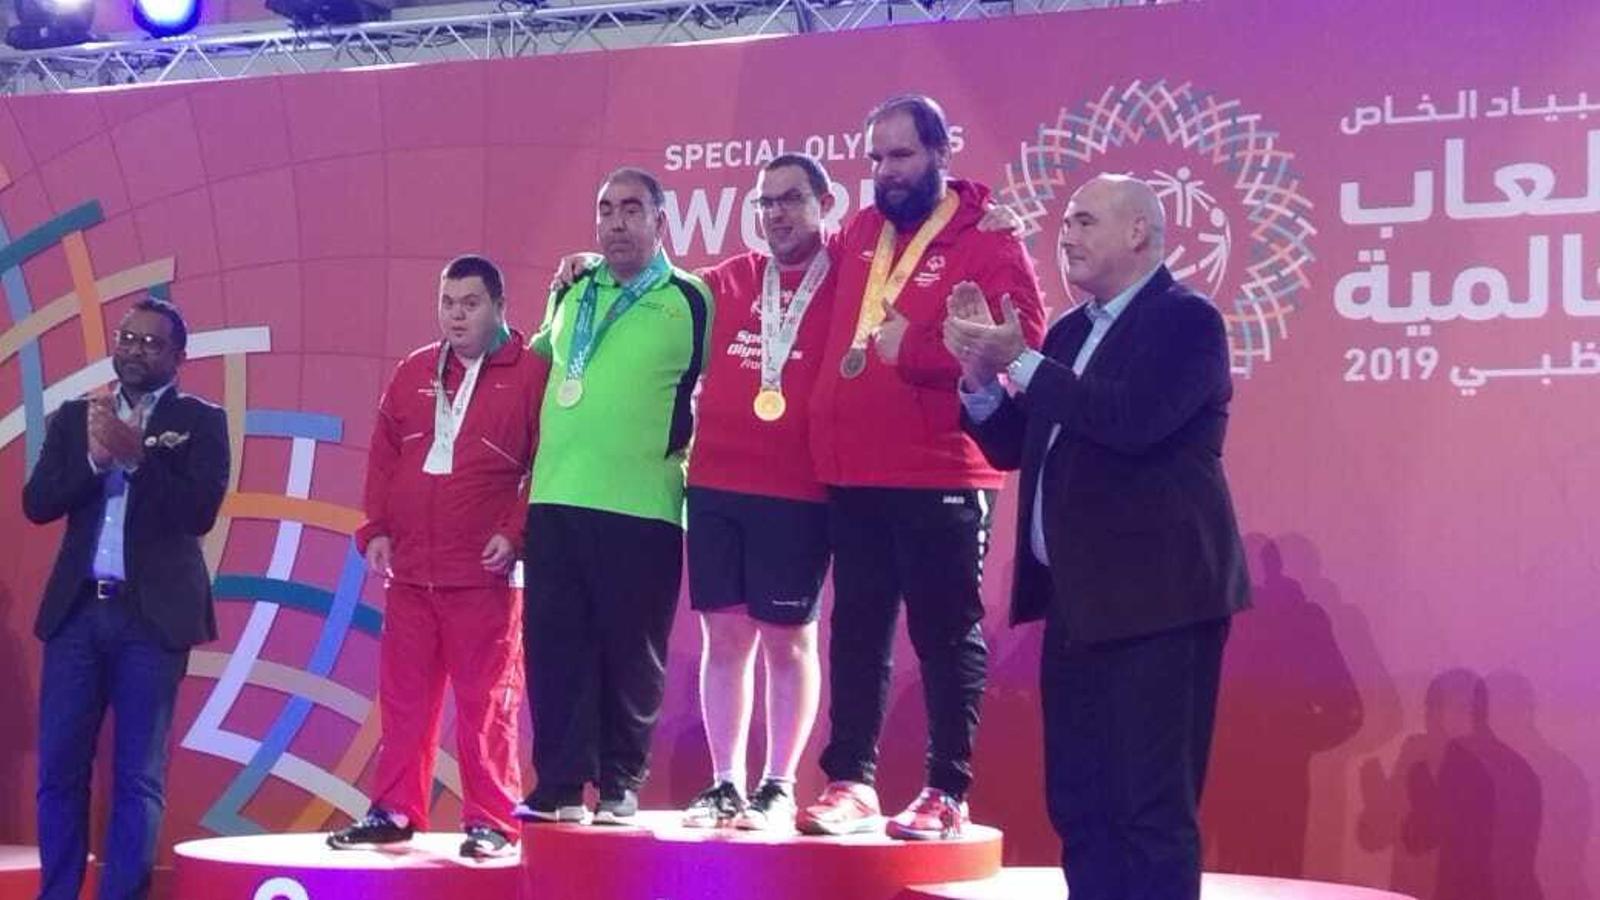 Representació andorrana al podi dels Special Olympics Abu Dhabi. / SPECIAL OLYMPICS